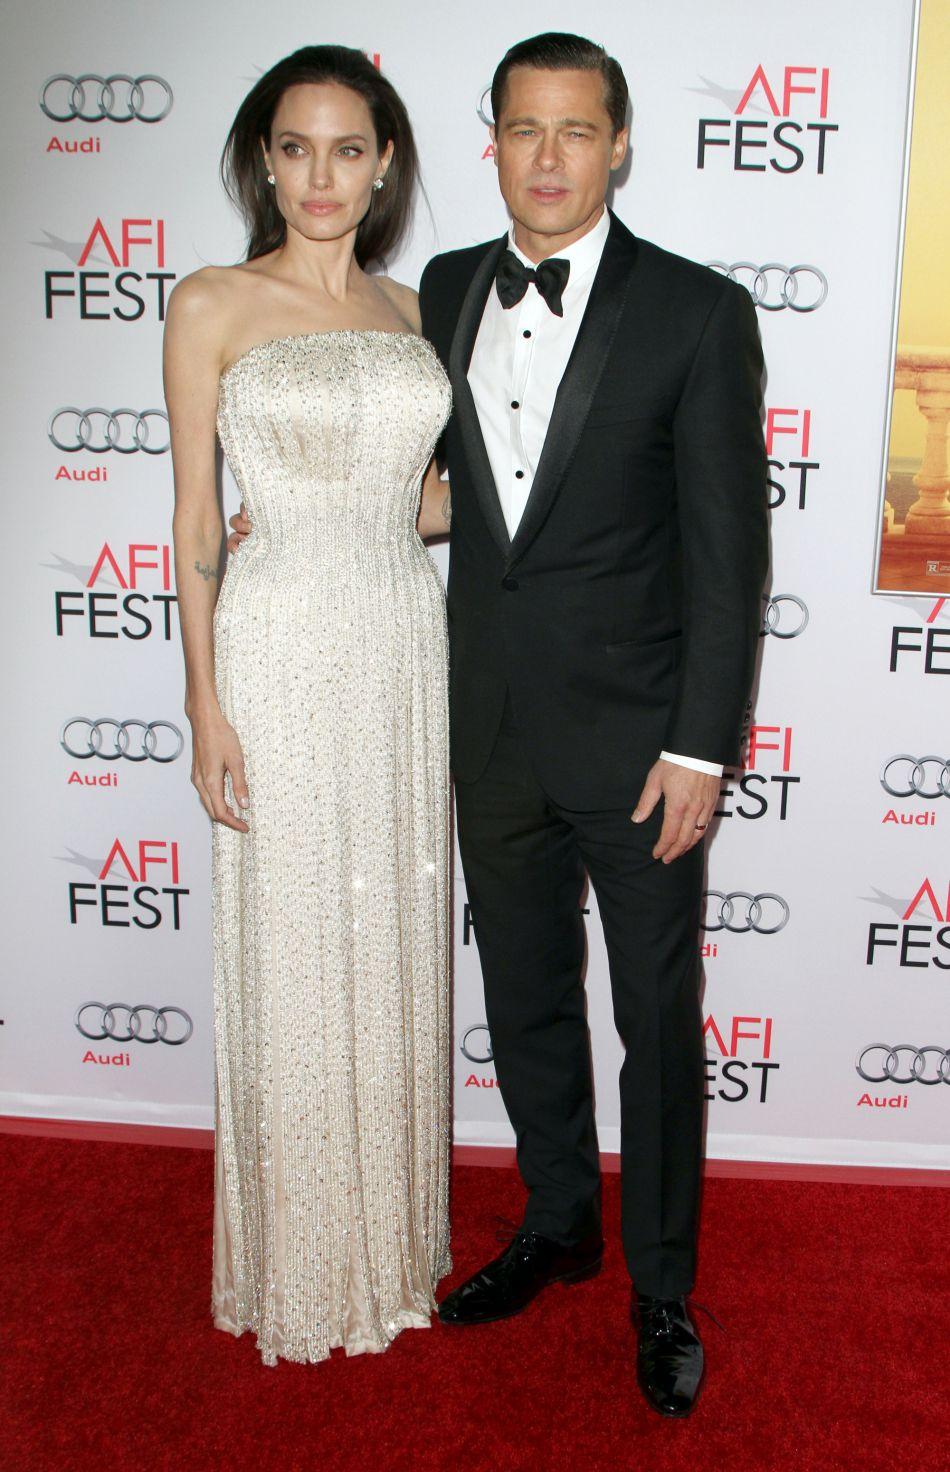 Depuis la demande de divorce d'Angelina Jolie, il n'a pas vu ses enfants.